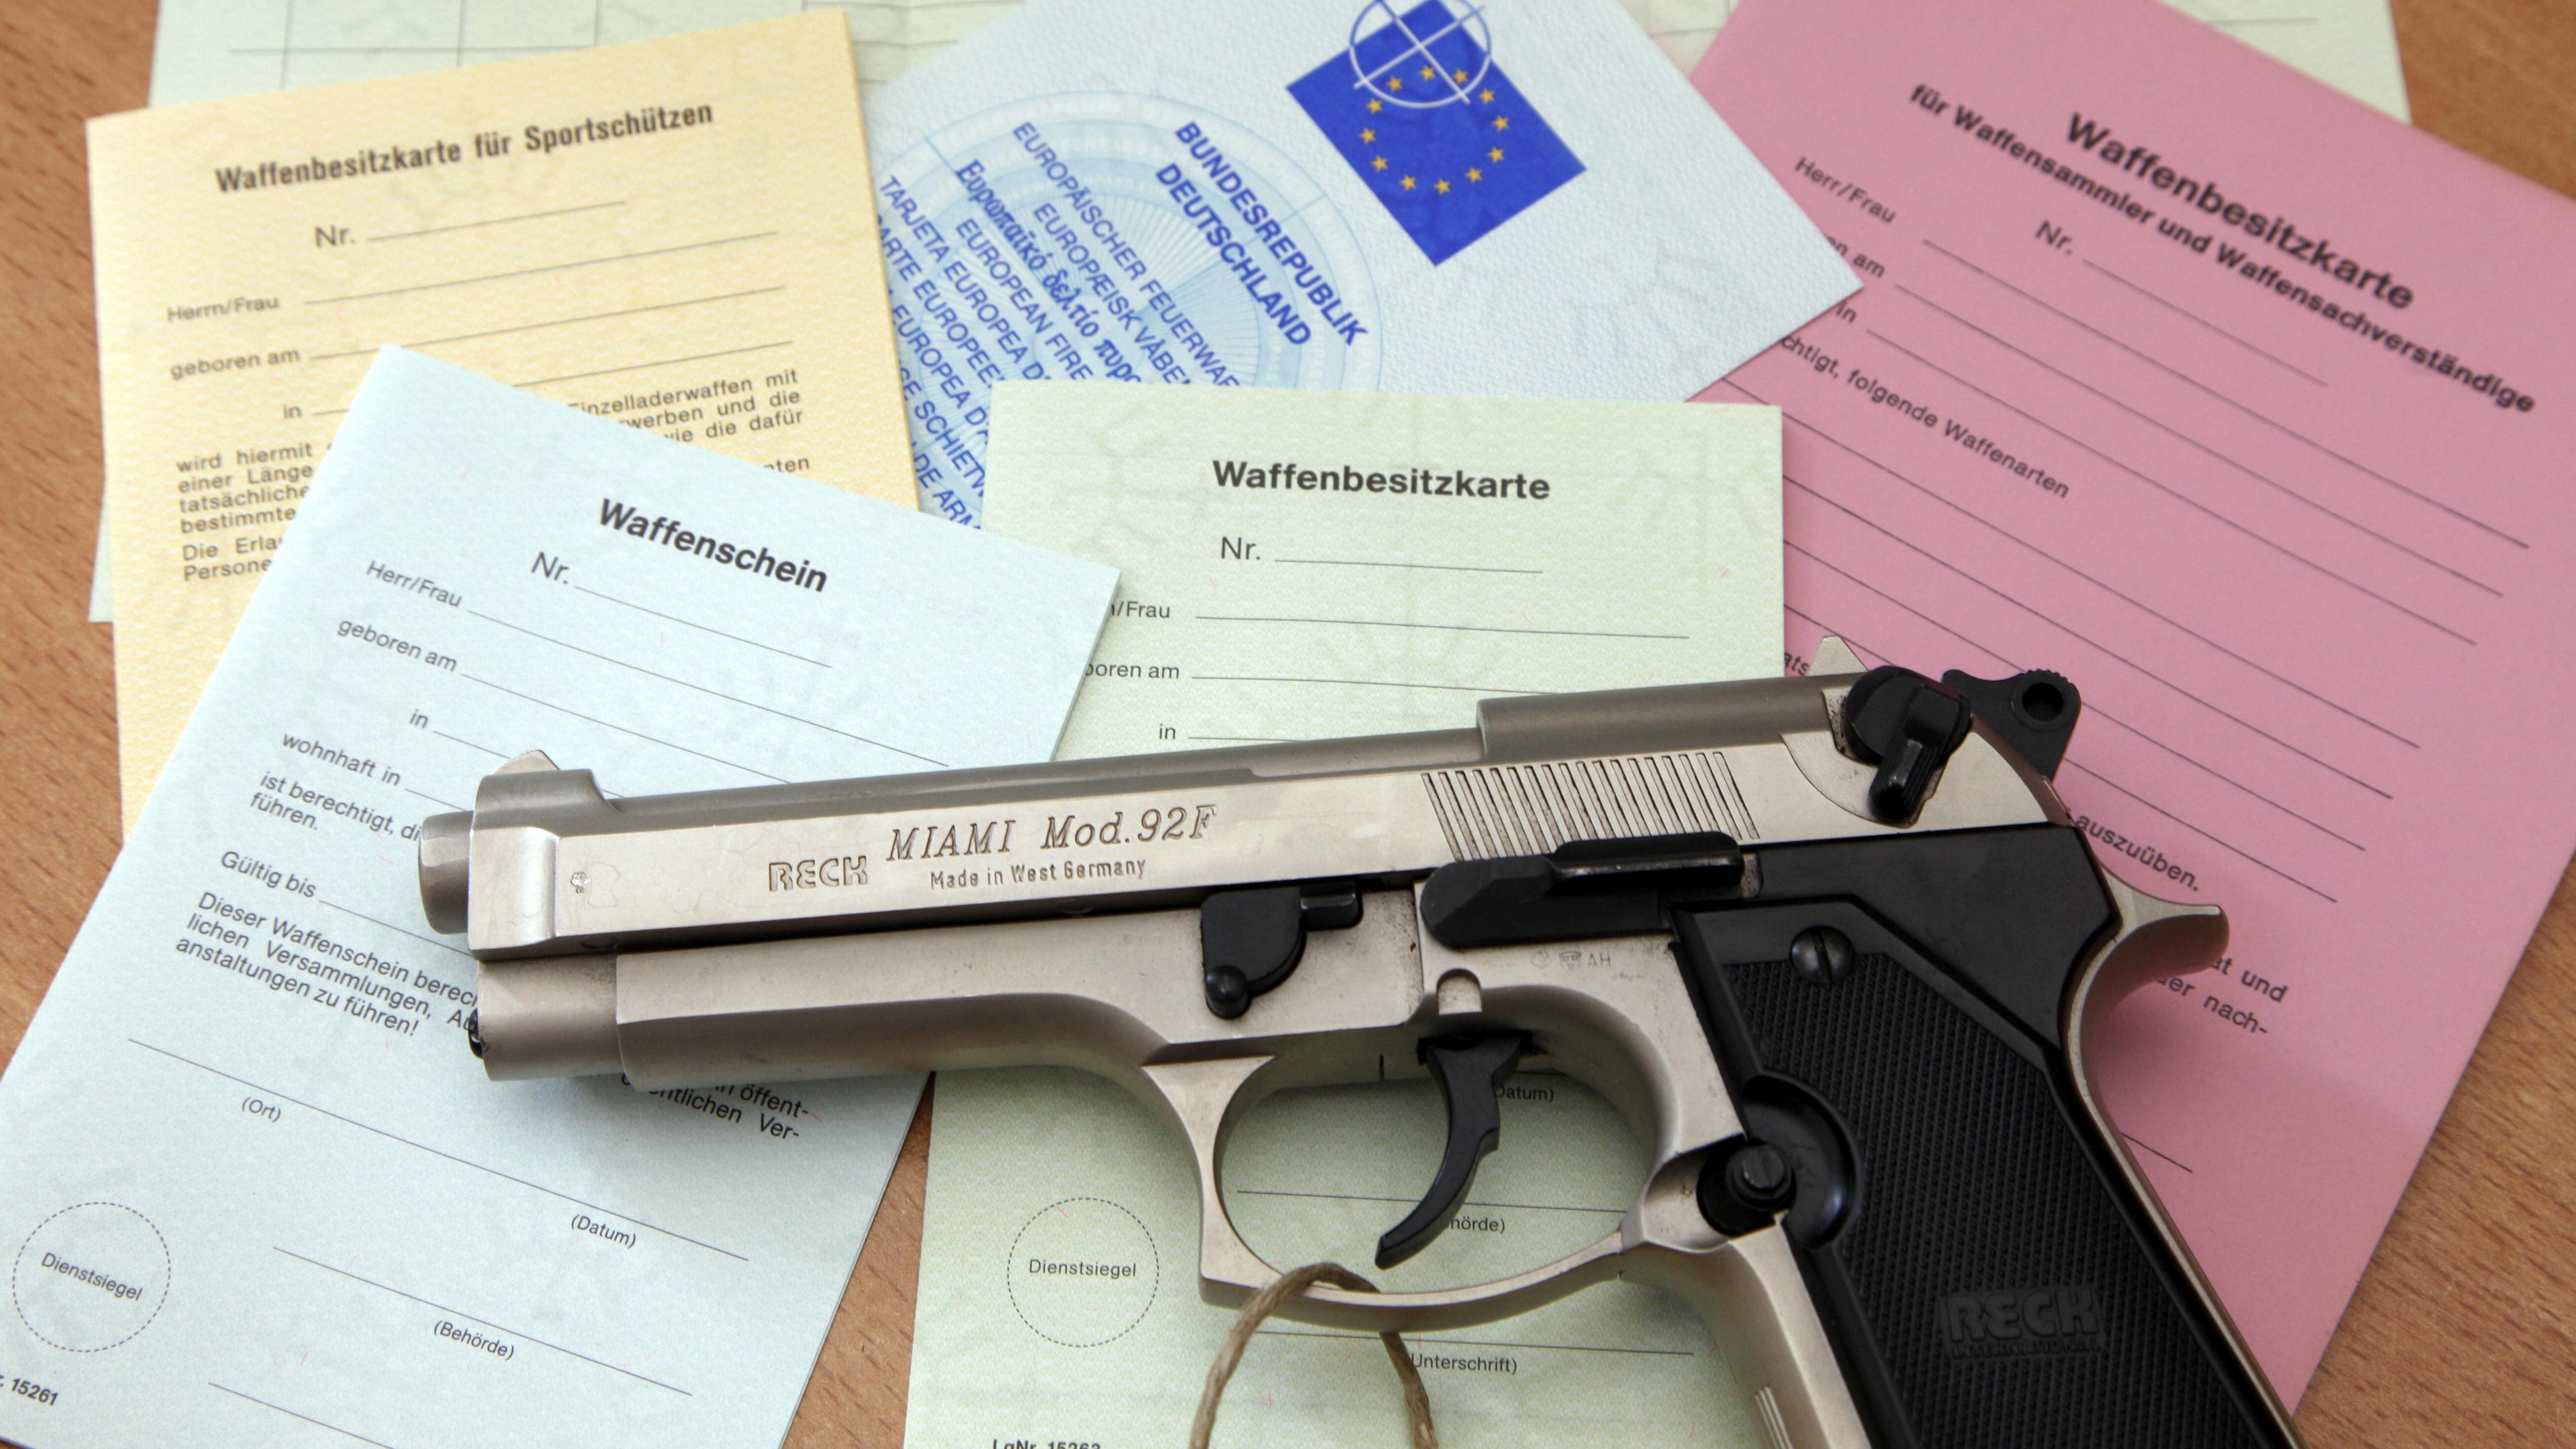 Pistole, Waffenschein, Waffenbesitzkarte (Symbolbild)